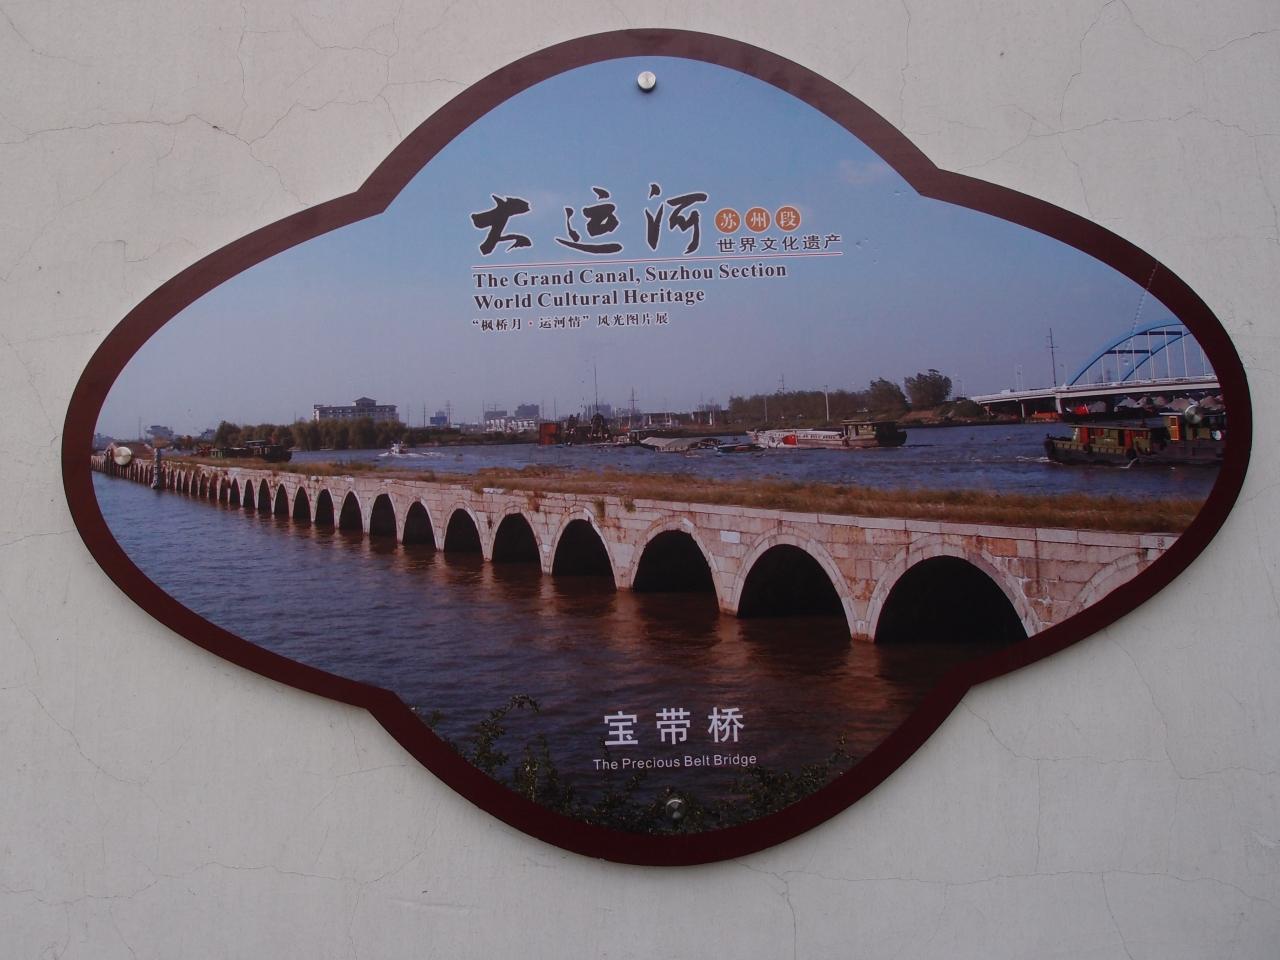 京杭大運河の画像 p1_30